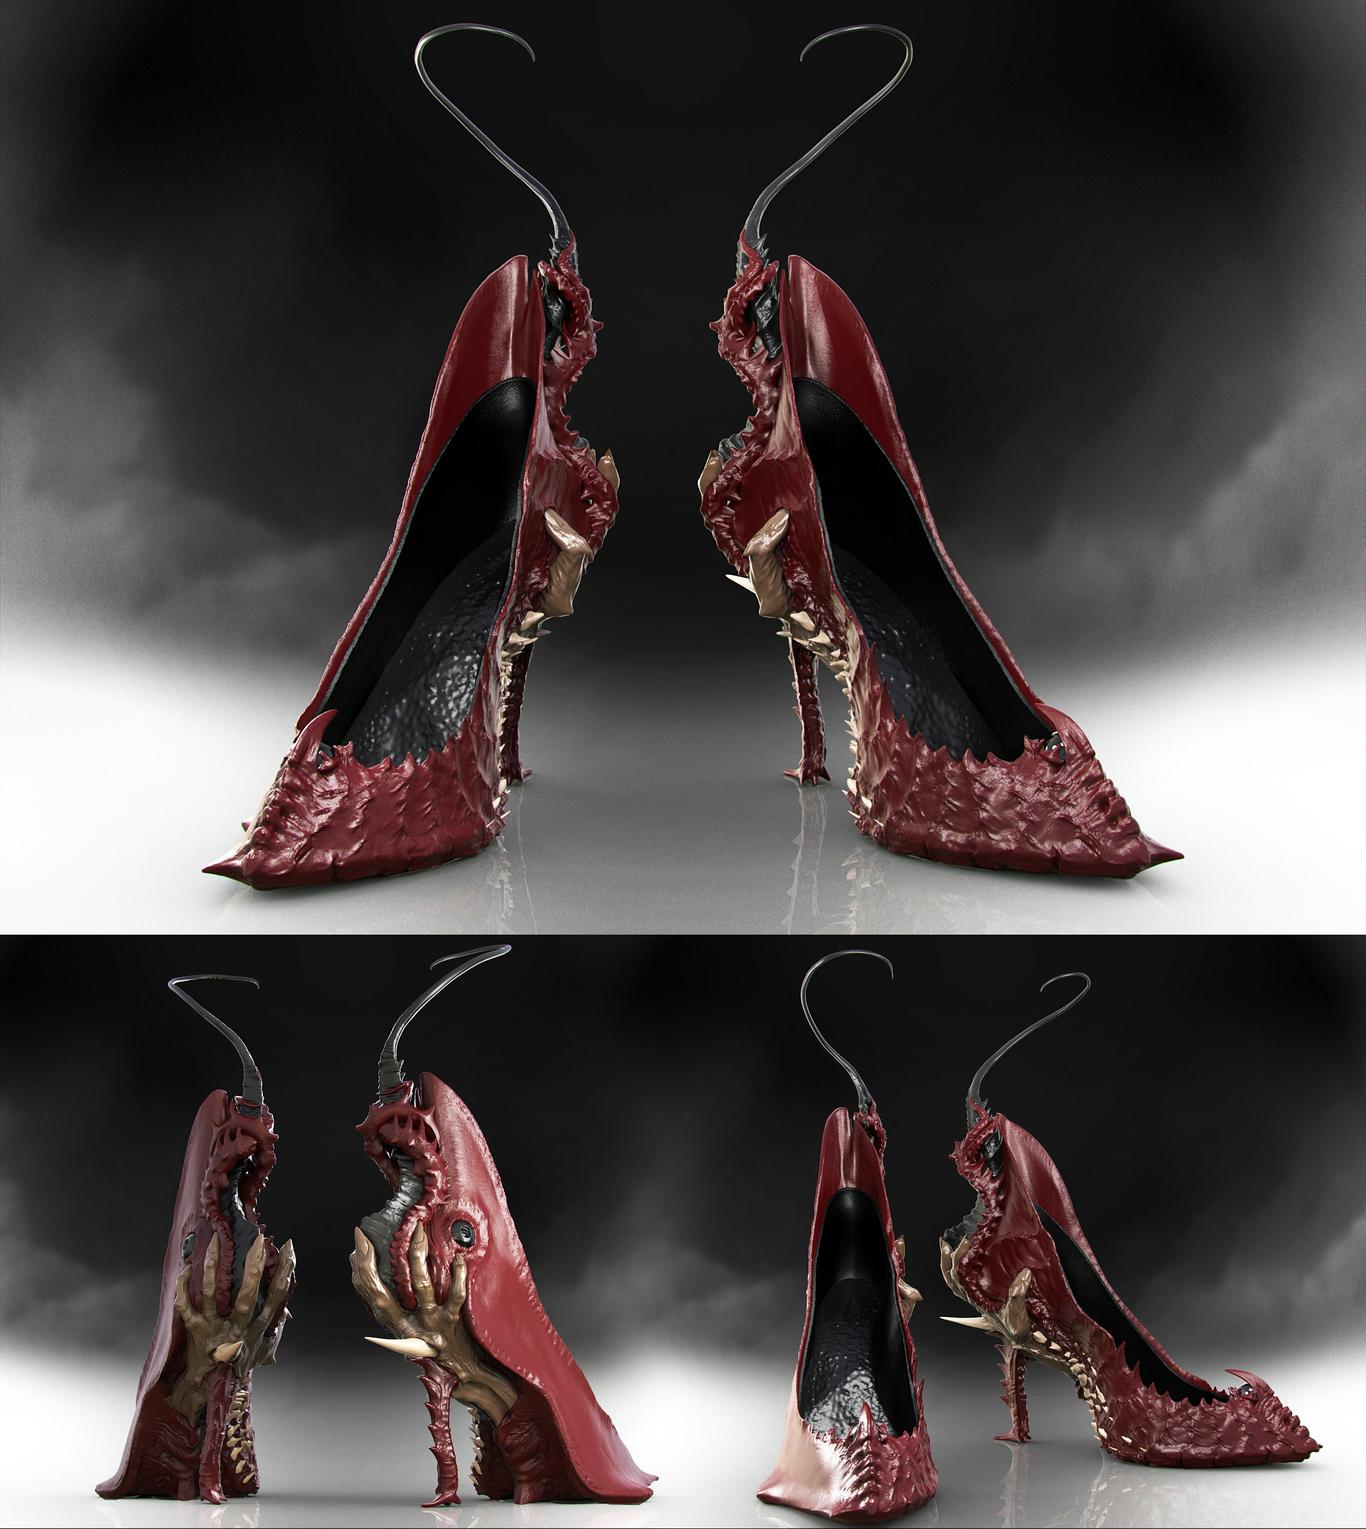 Zerojs demon shoes 1 e4247642 frp7